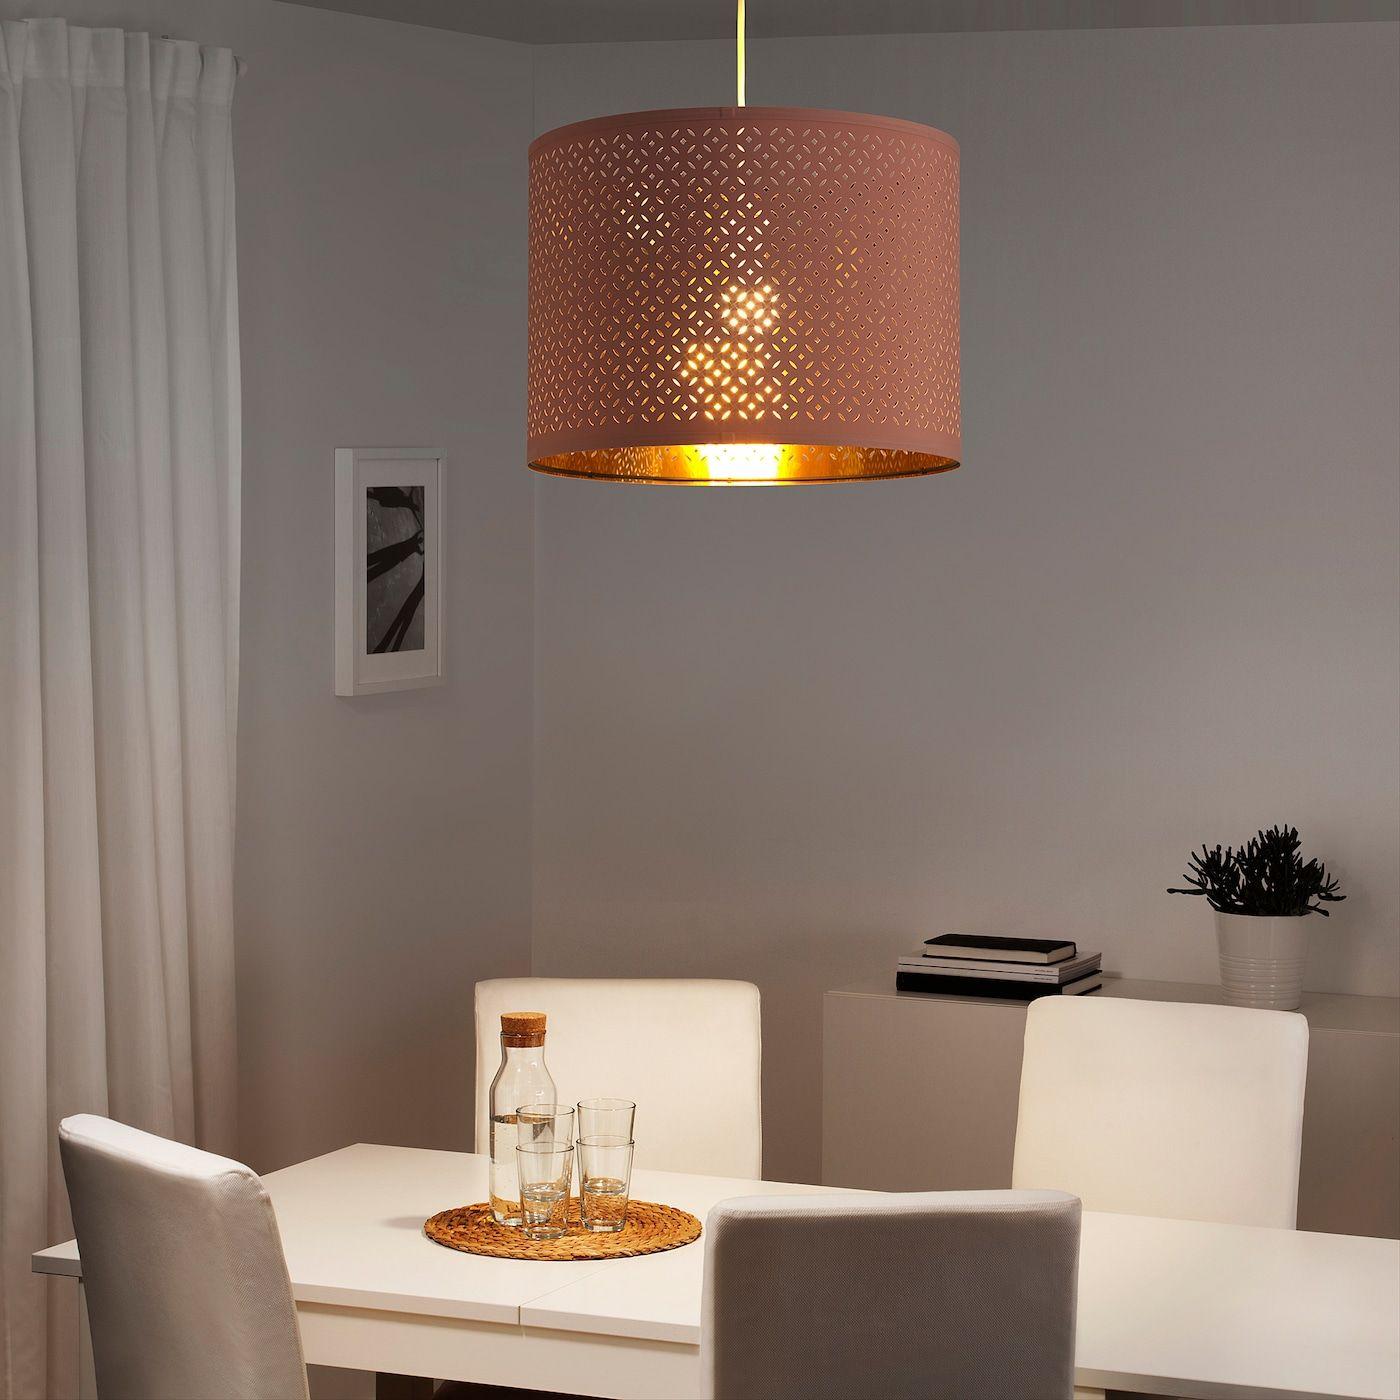 Full Size of Nym Leuchtenschirm Rosa Küche Ikea Kosten Kaufen Modulküche Betten 160x200 Miniküche Bei Sofa Mit Schlaffunktion Hängelampe Wohnzimmer Wohnzimmer Ikea Hängelampe